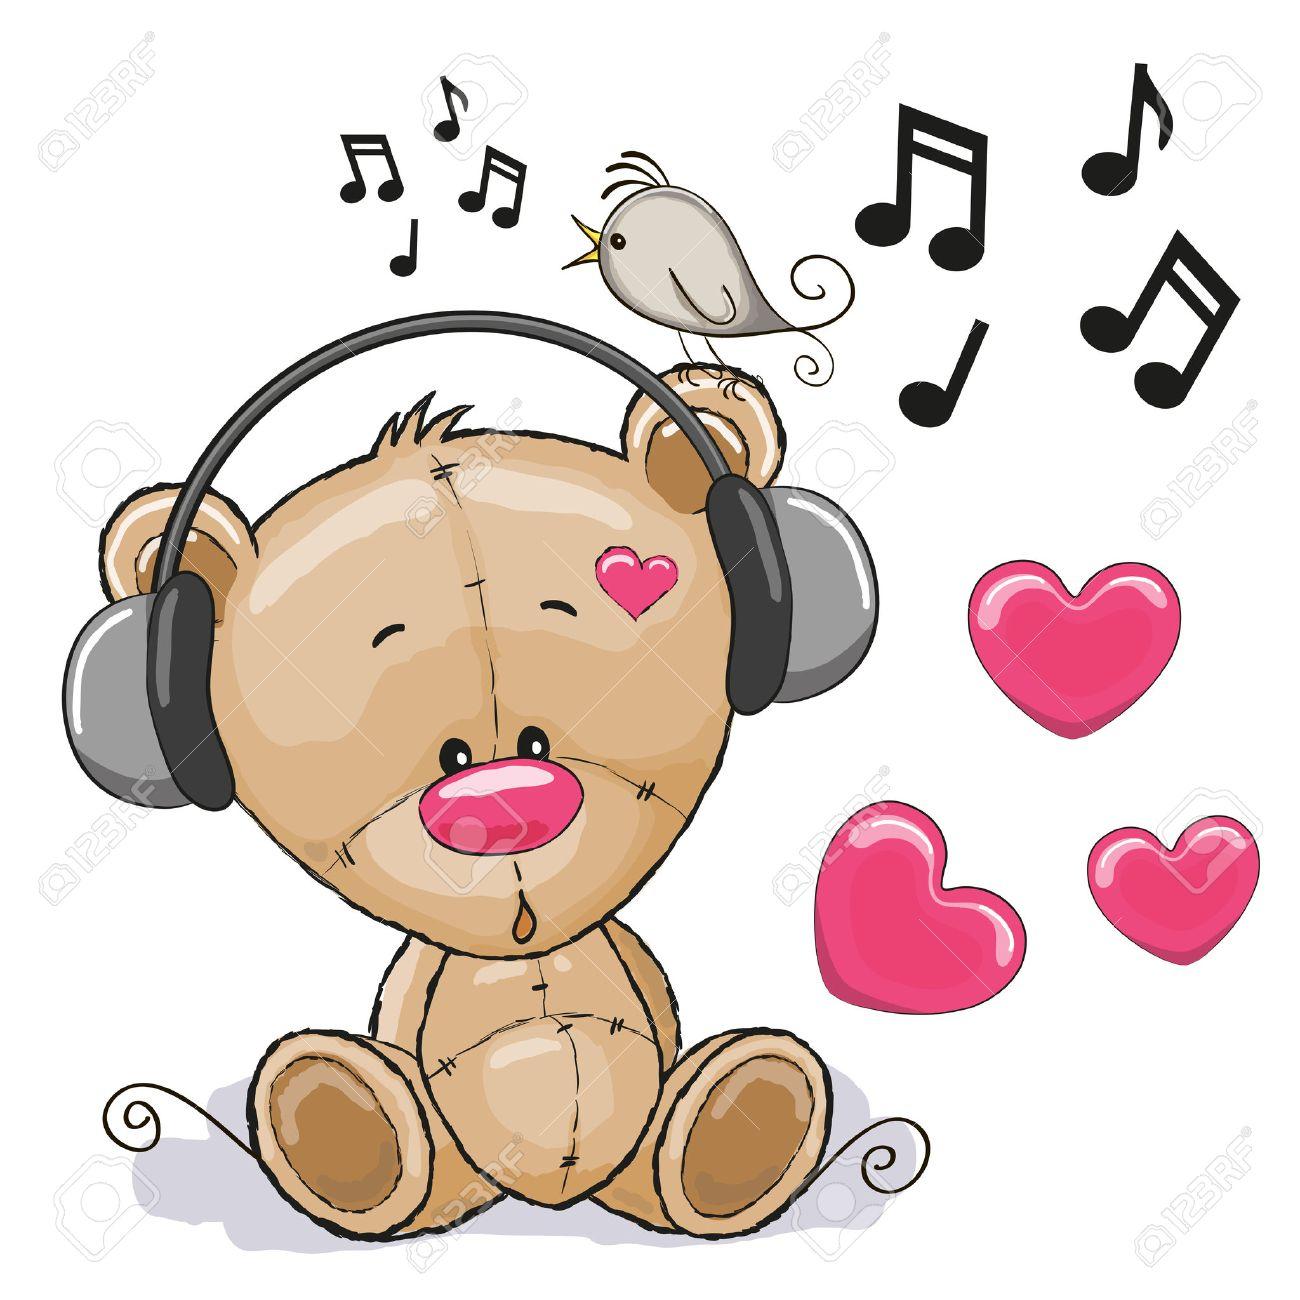 Cute cartoon Teddy Bear with headphones Stock Vector - 42005014